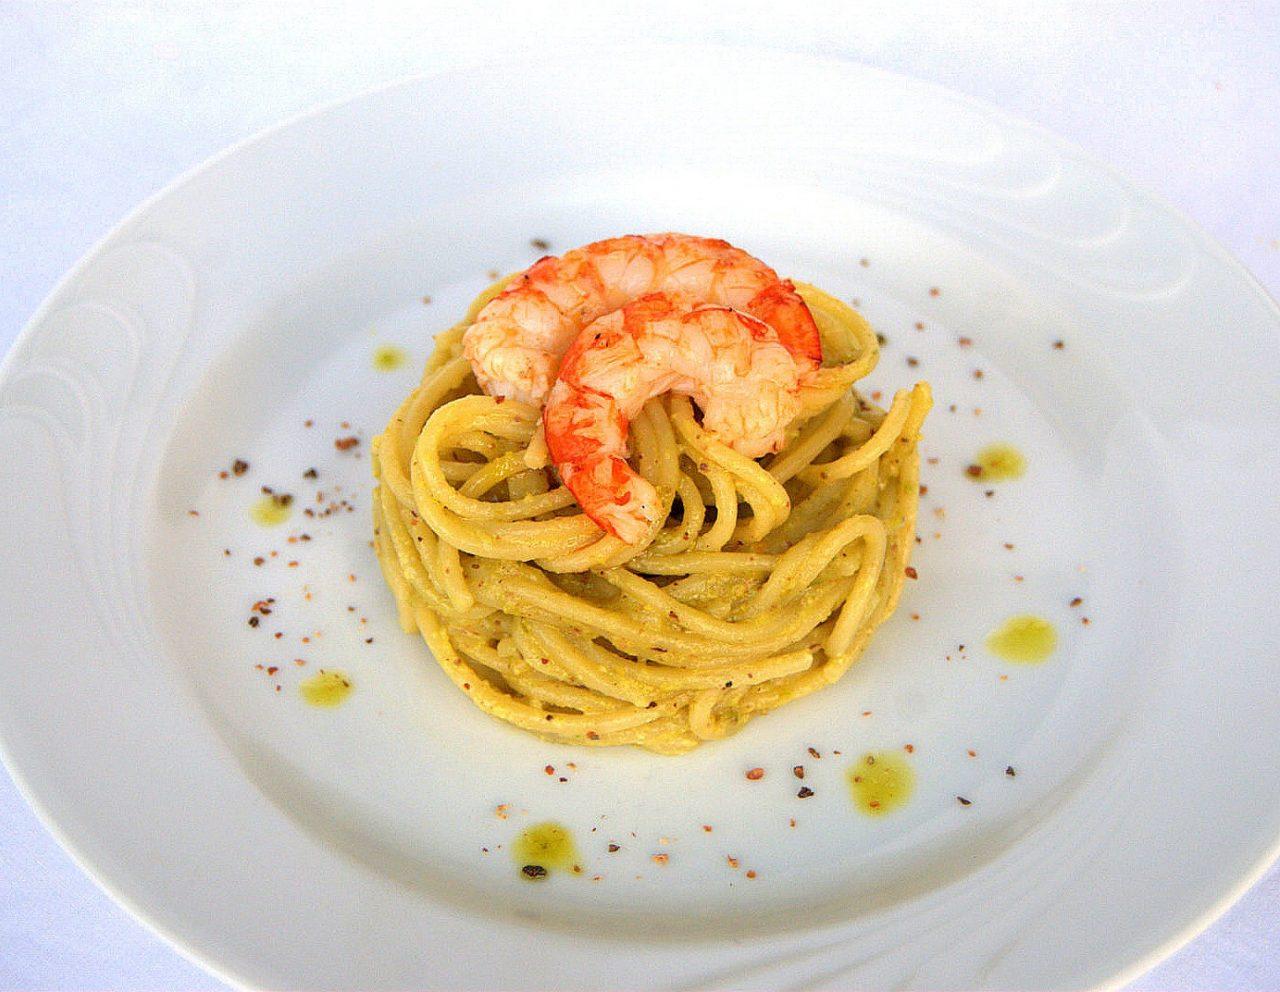 Spaghetti al pesto di pistacchi con gamberi e granella di cucunci